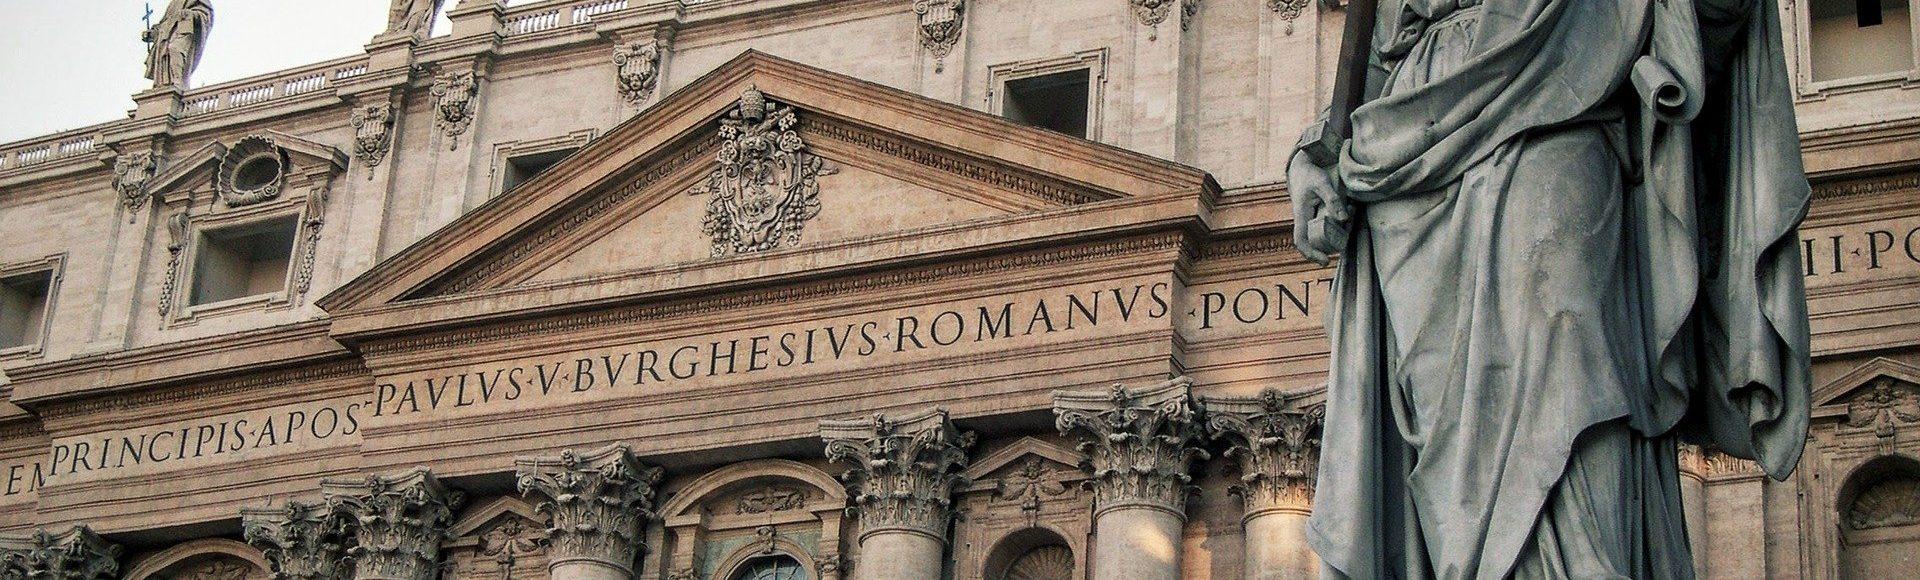 Roma, destino ideal para estudiantes de Arte